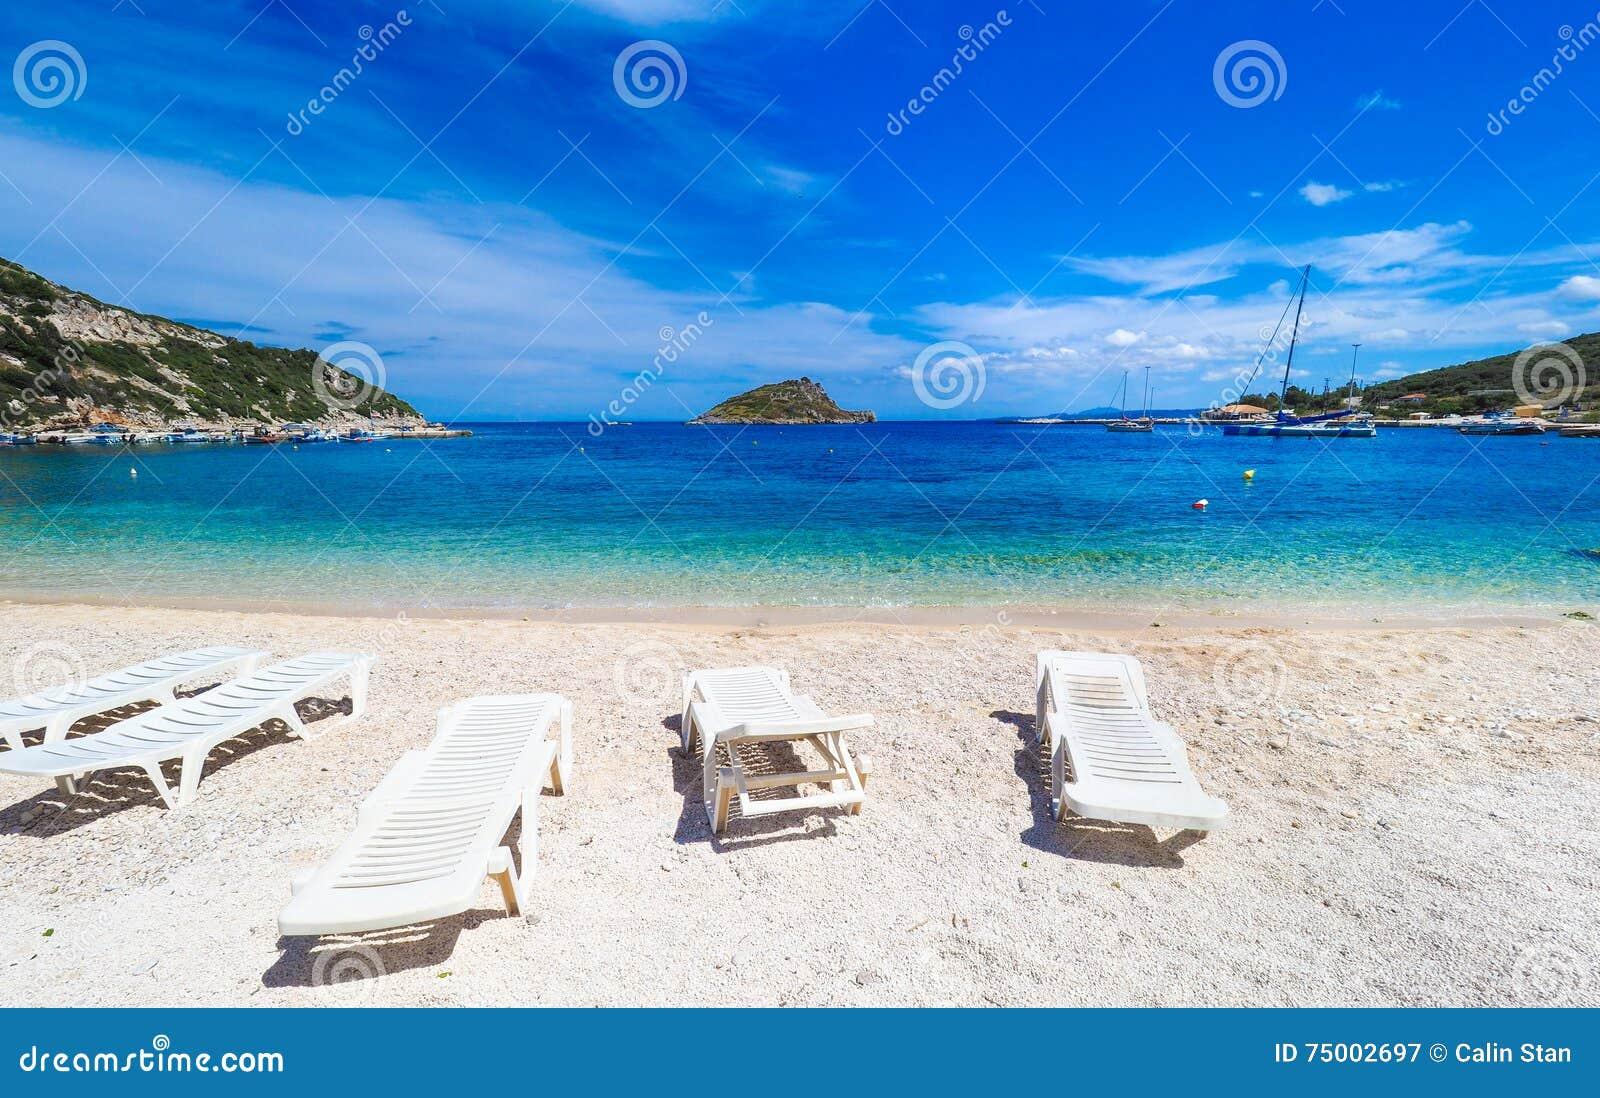 Zonnig de zomerstrand in Griekenland met zonbedden en kleine boot